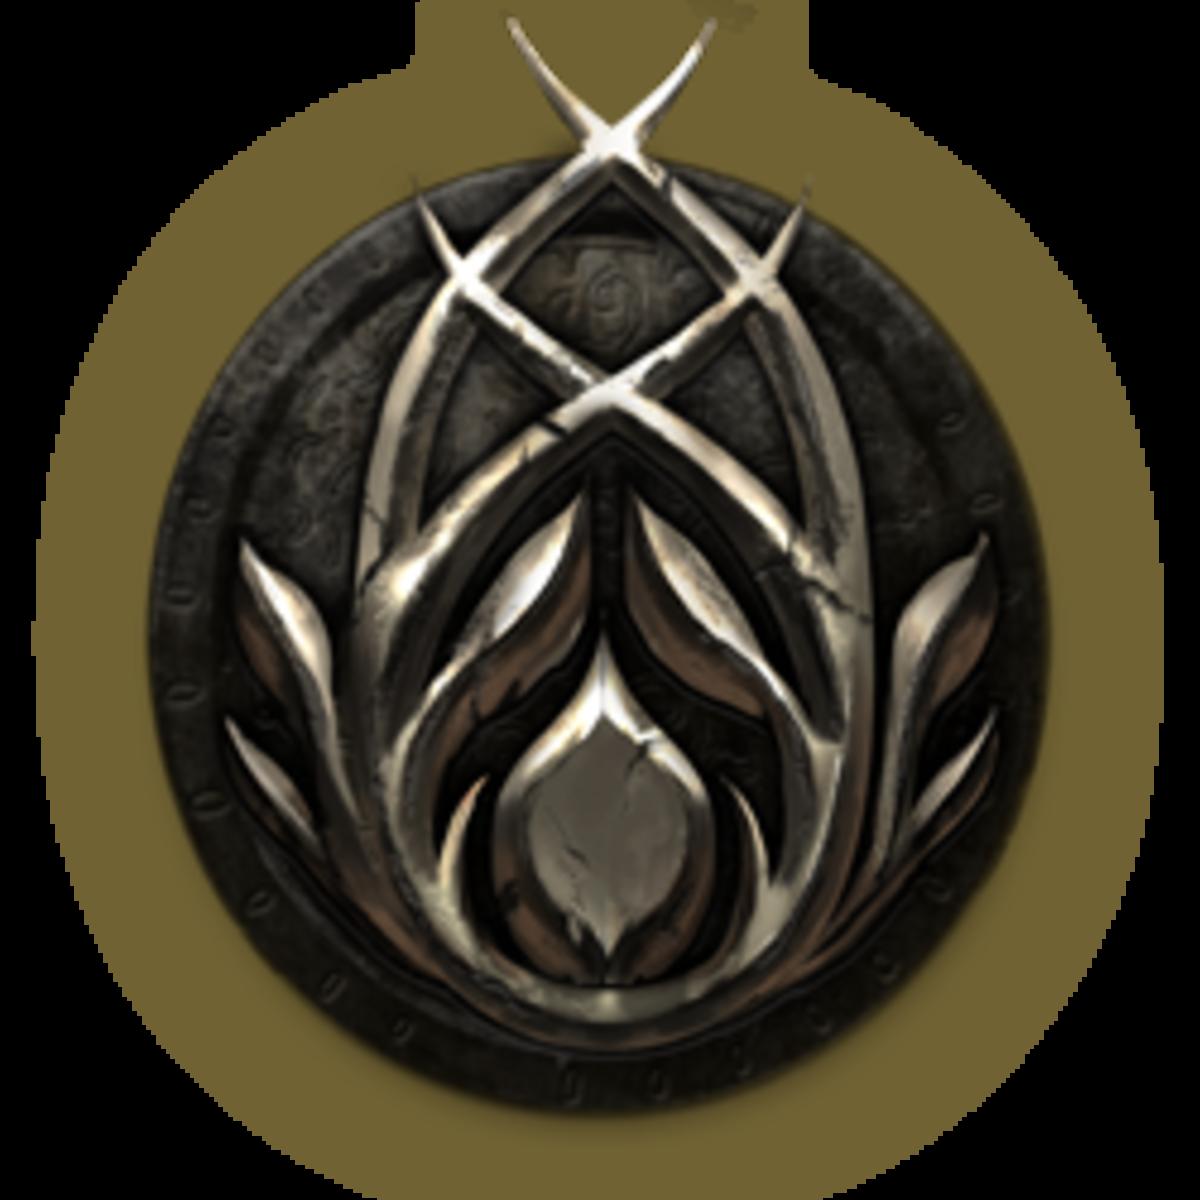 Green Pact Emblem